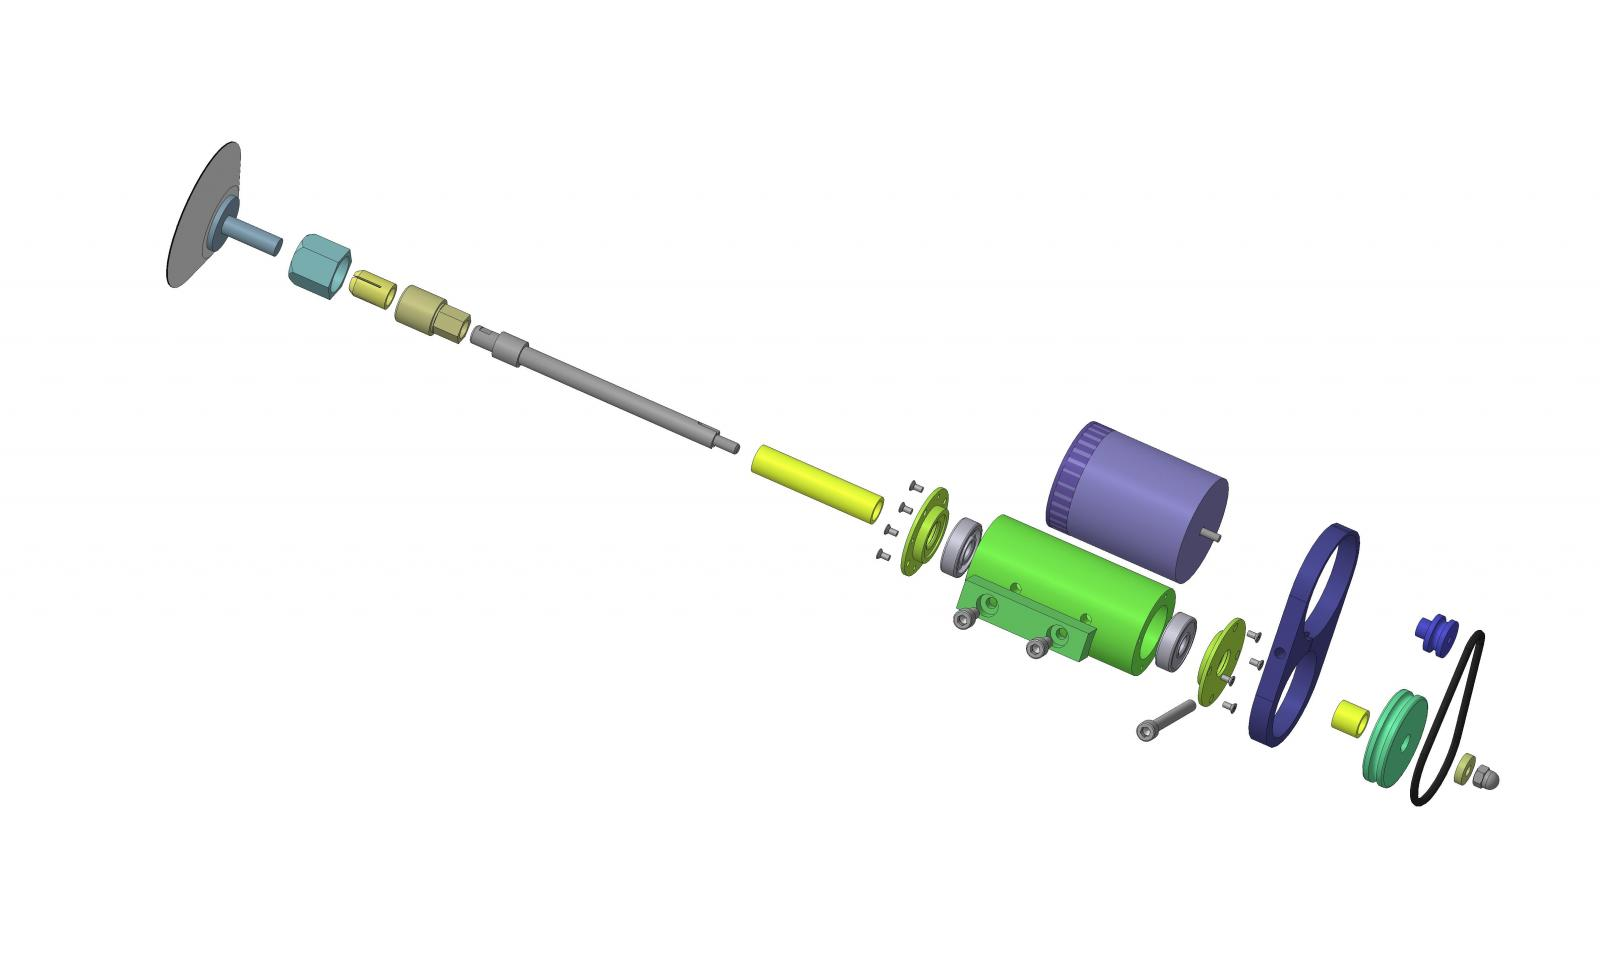 шпиндельный узел взрыв-схема2.jpg